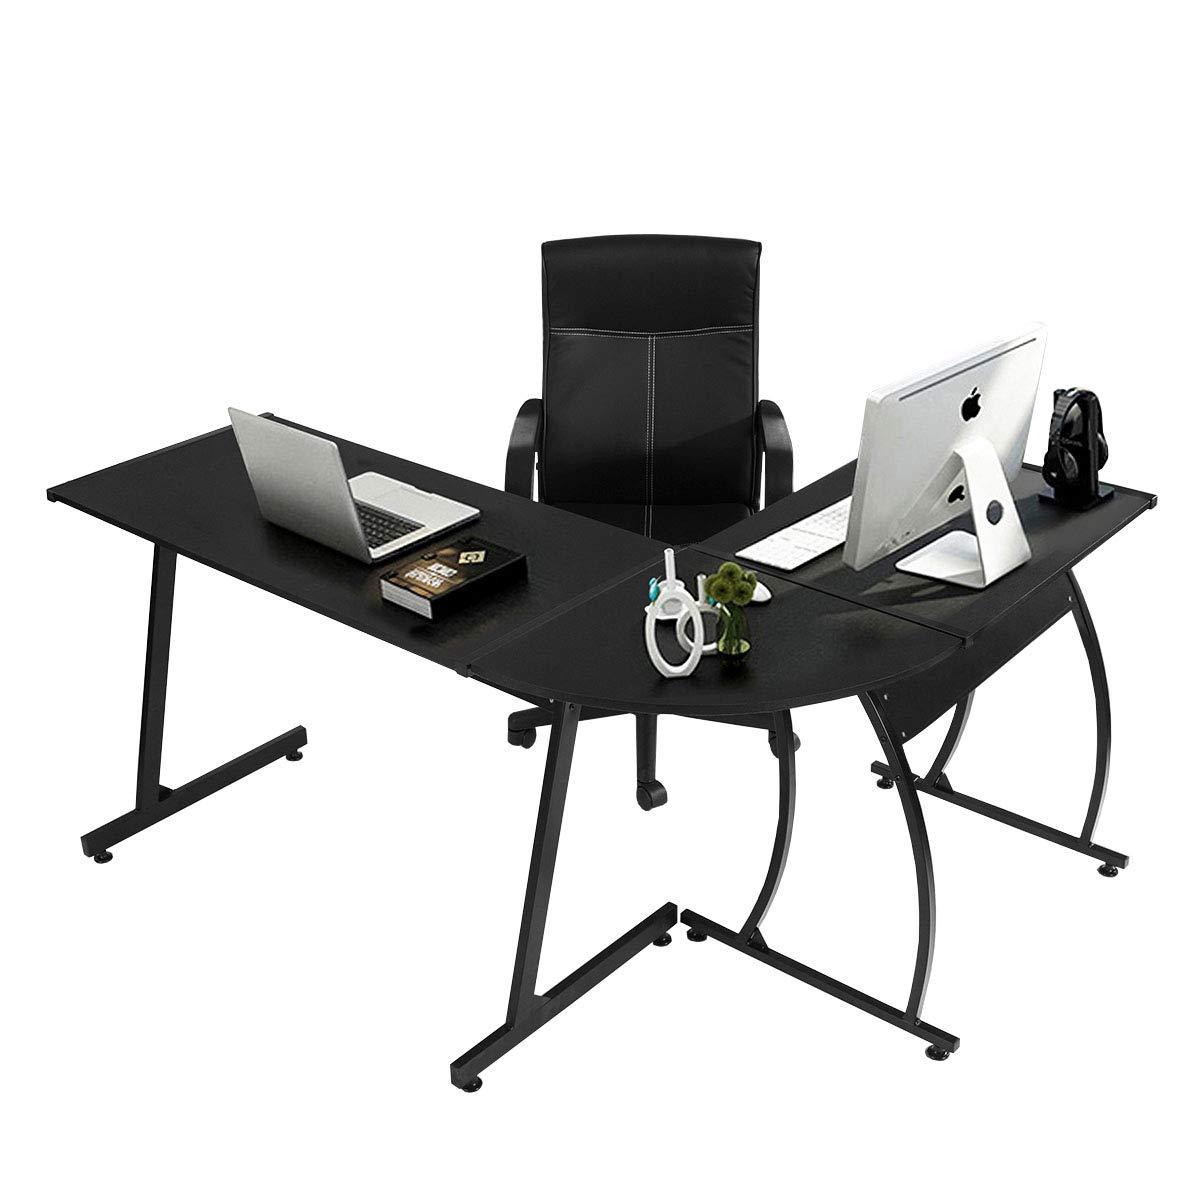 Scrivania da ufficio Coavas ad angolo in legno Scrivania grande per PC Scrivania da gioco Scrivania da lavoro 148x112x74 cm Nero